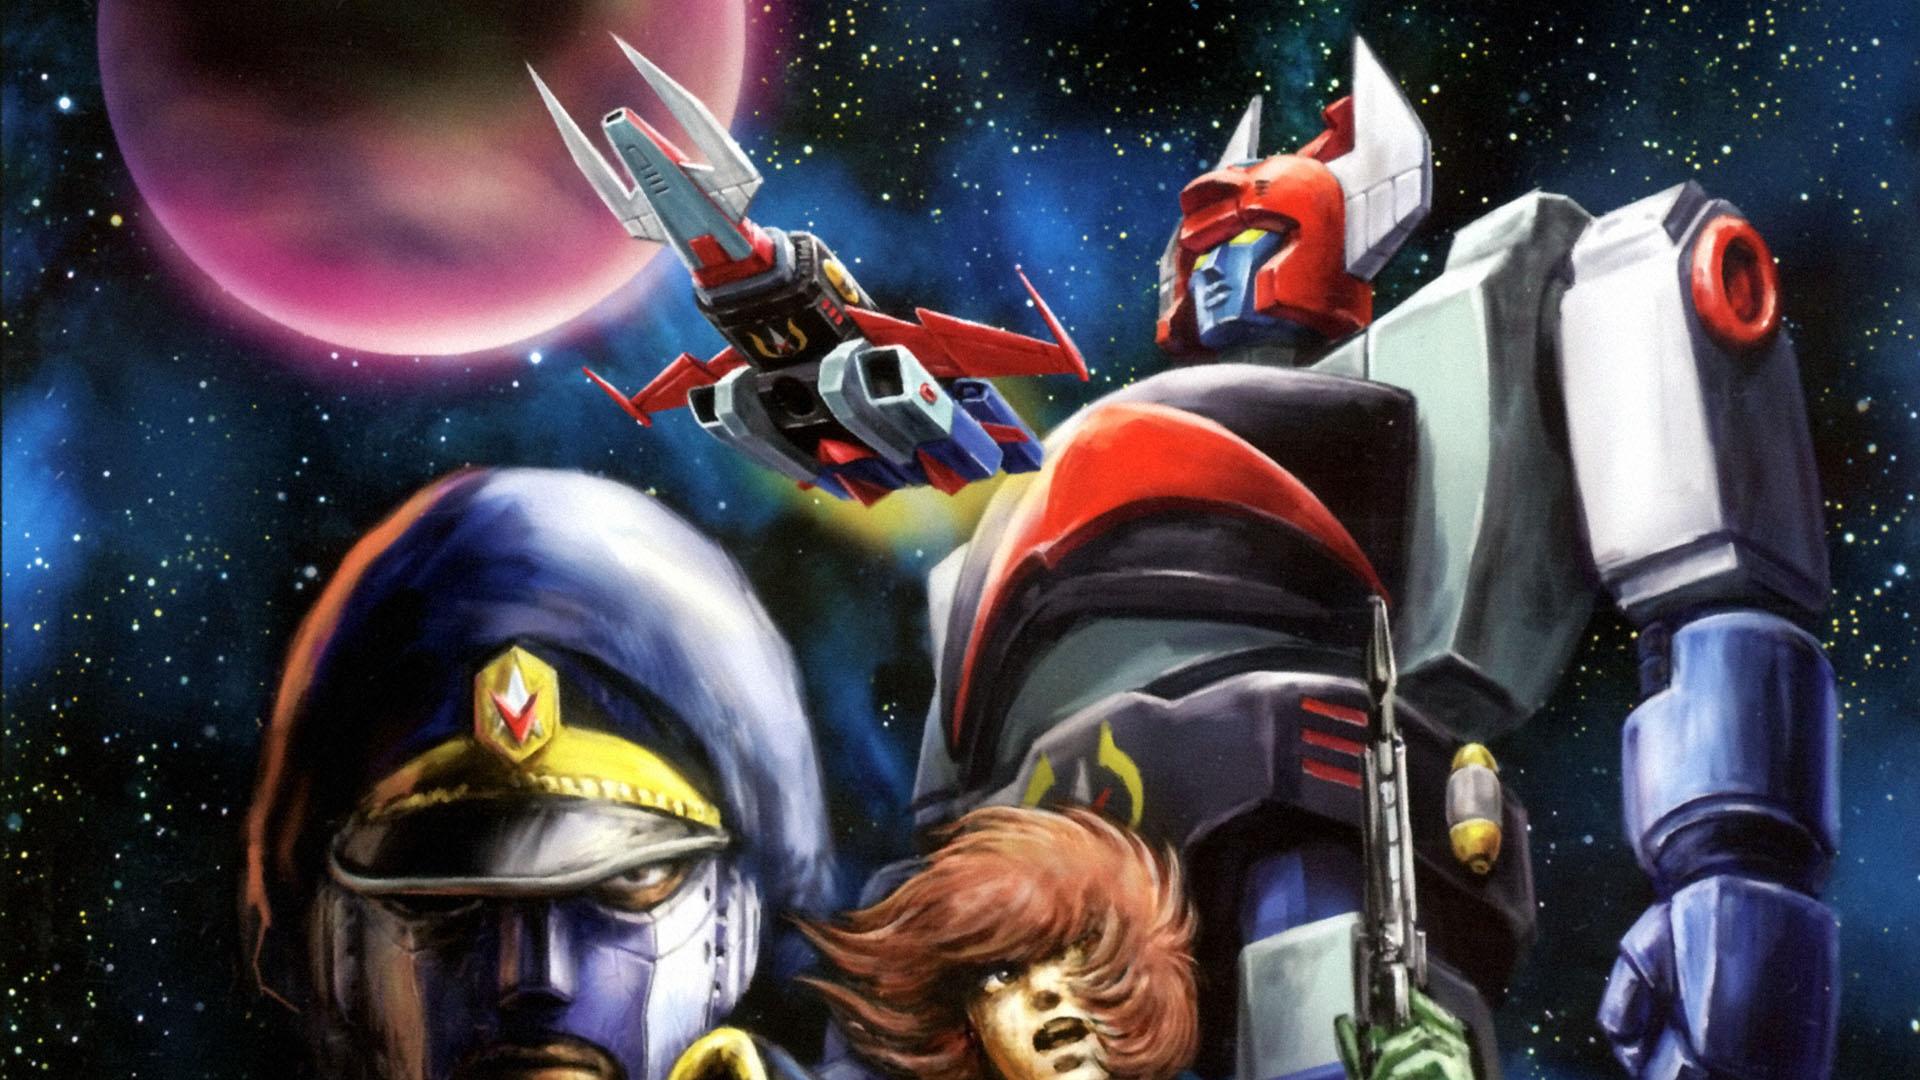 Planet Robot Danguard Ace